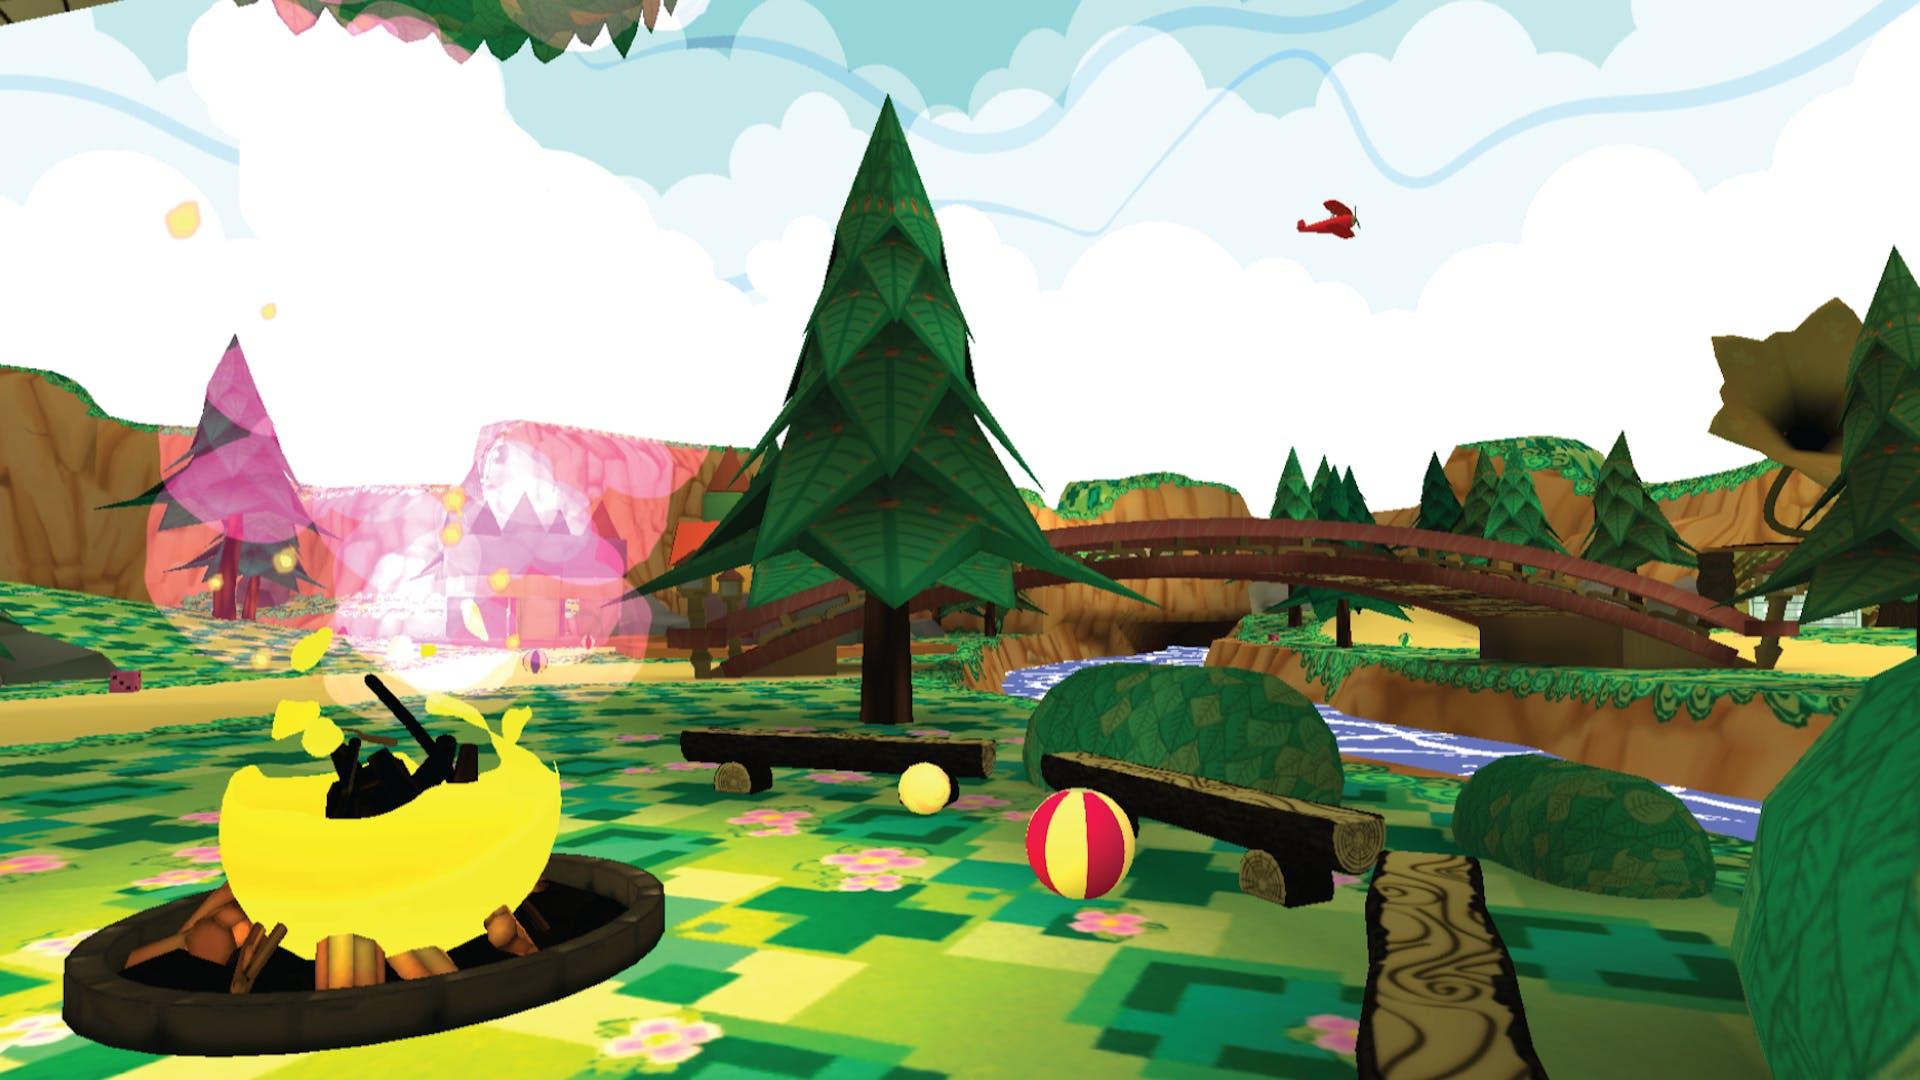 Creativiteit en fantasie in de wereld van PlaygroundVR.